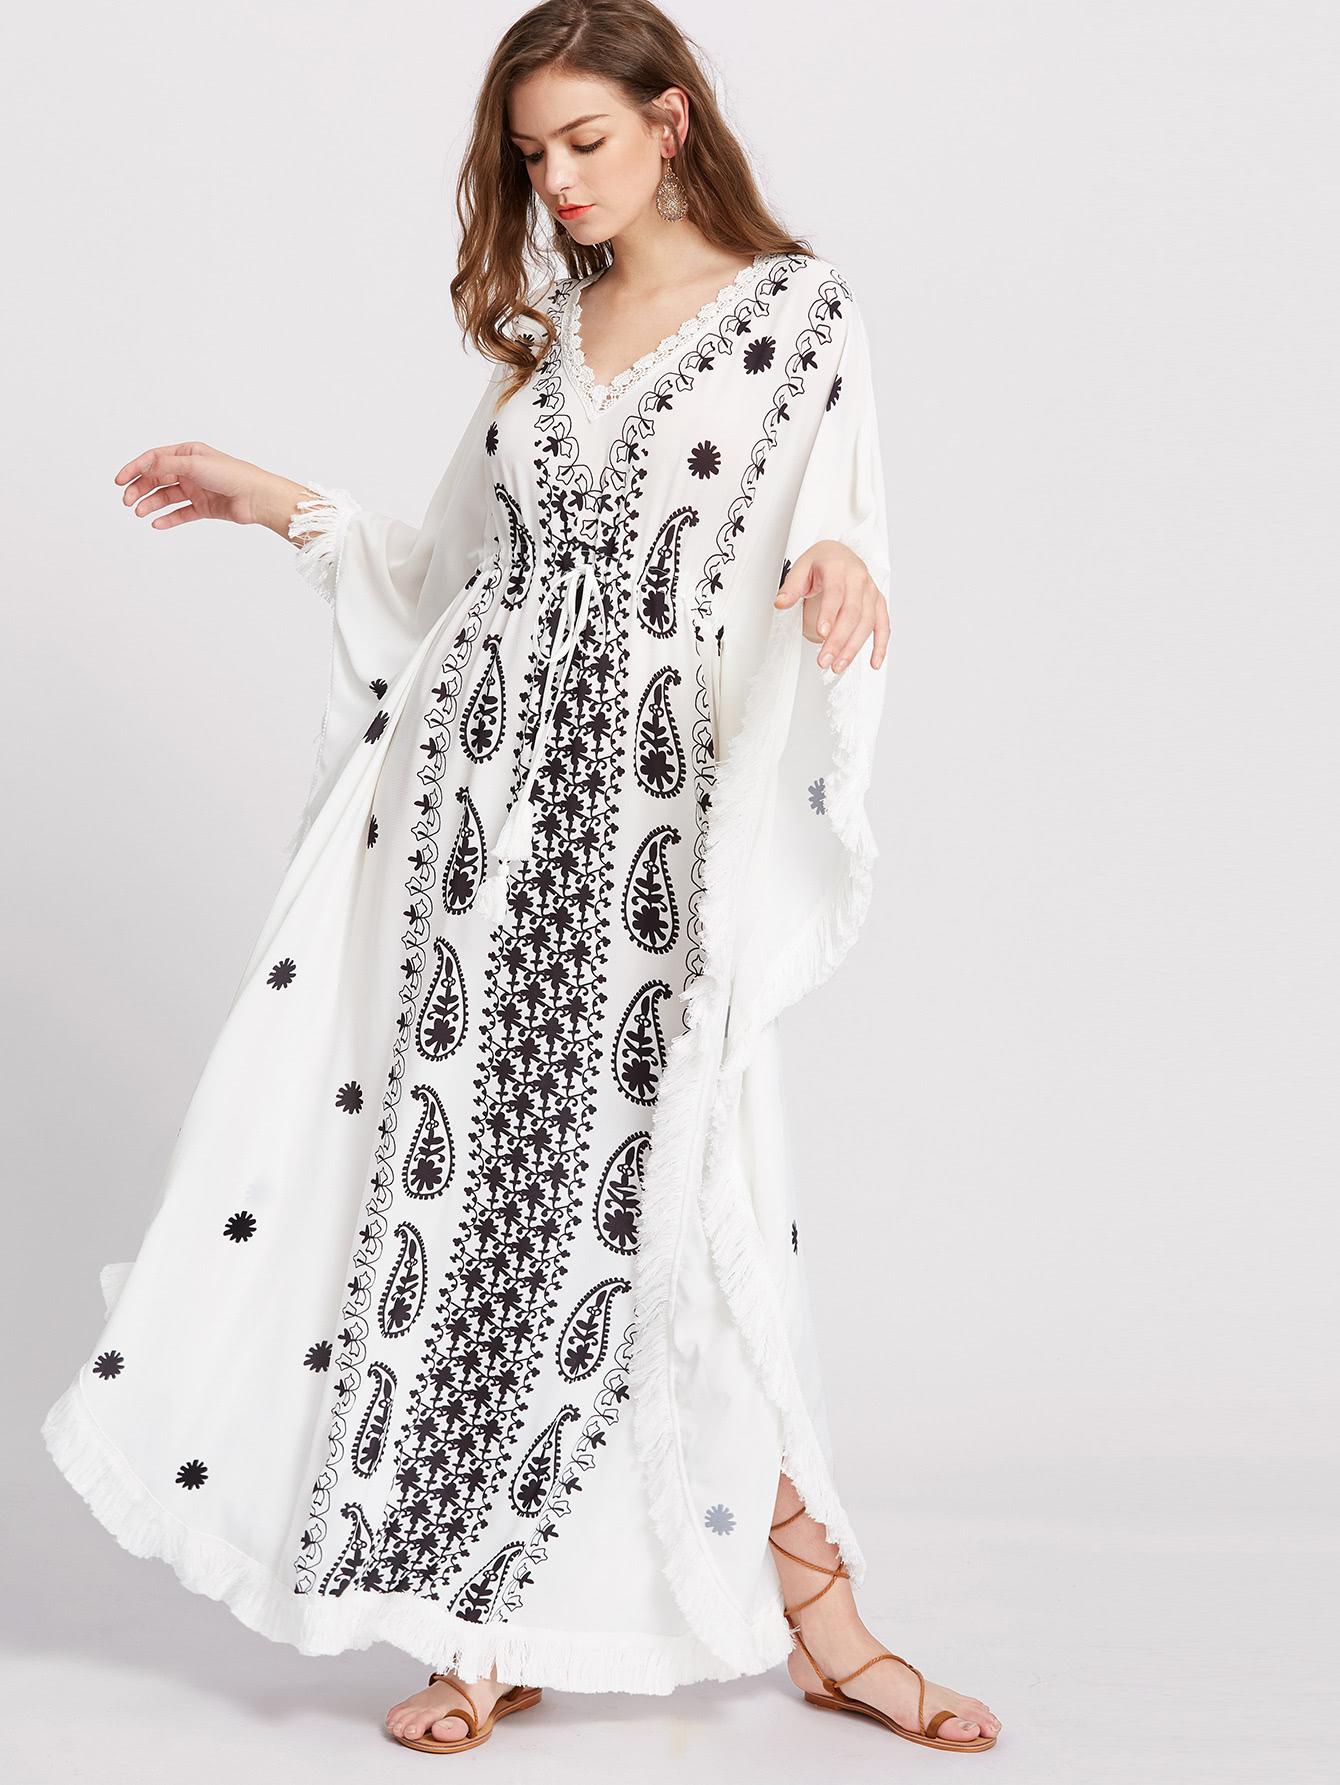 dress170323709_2